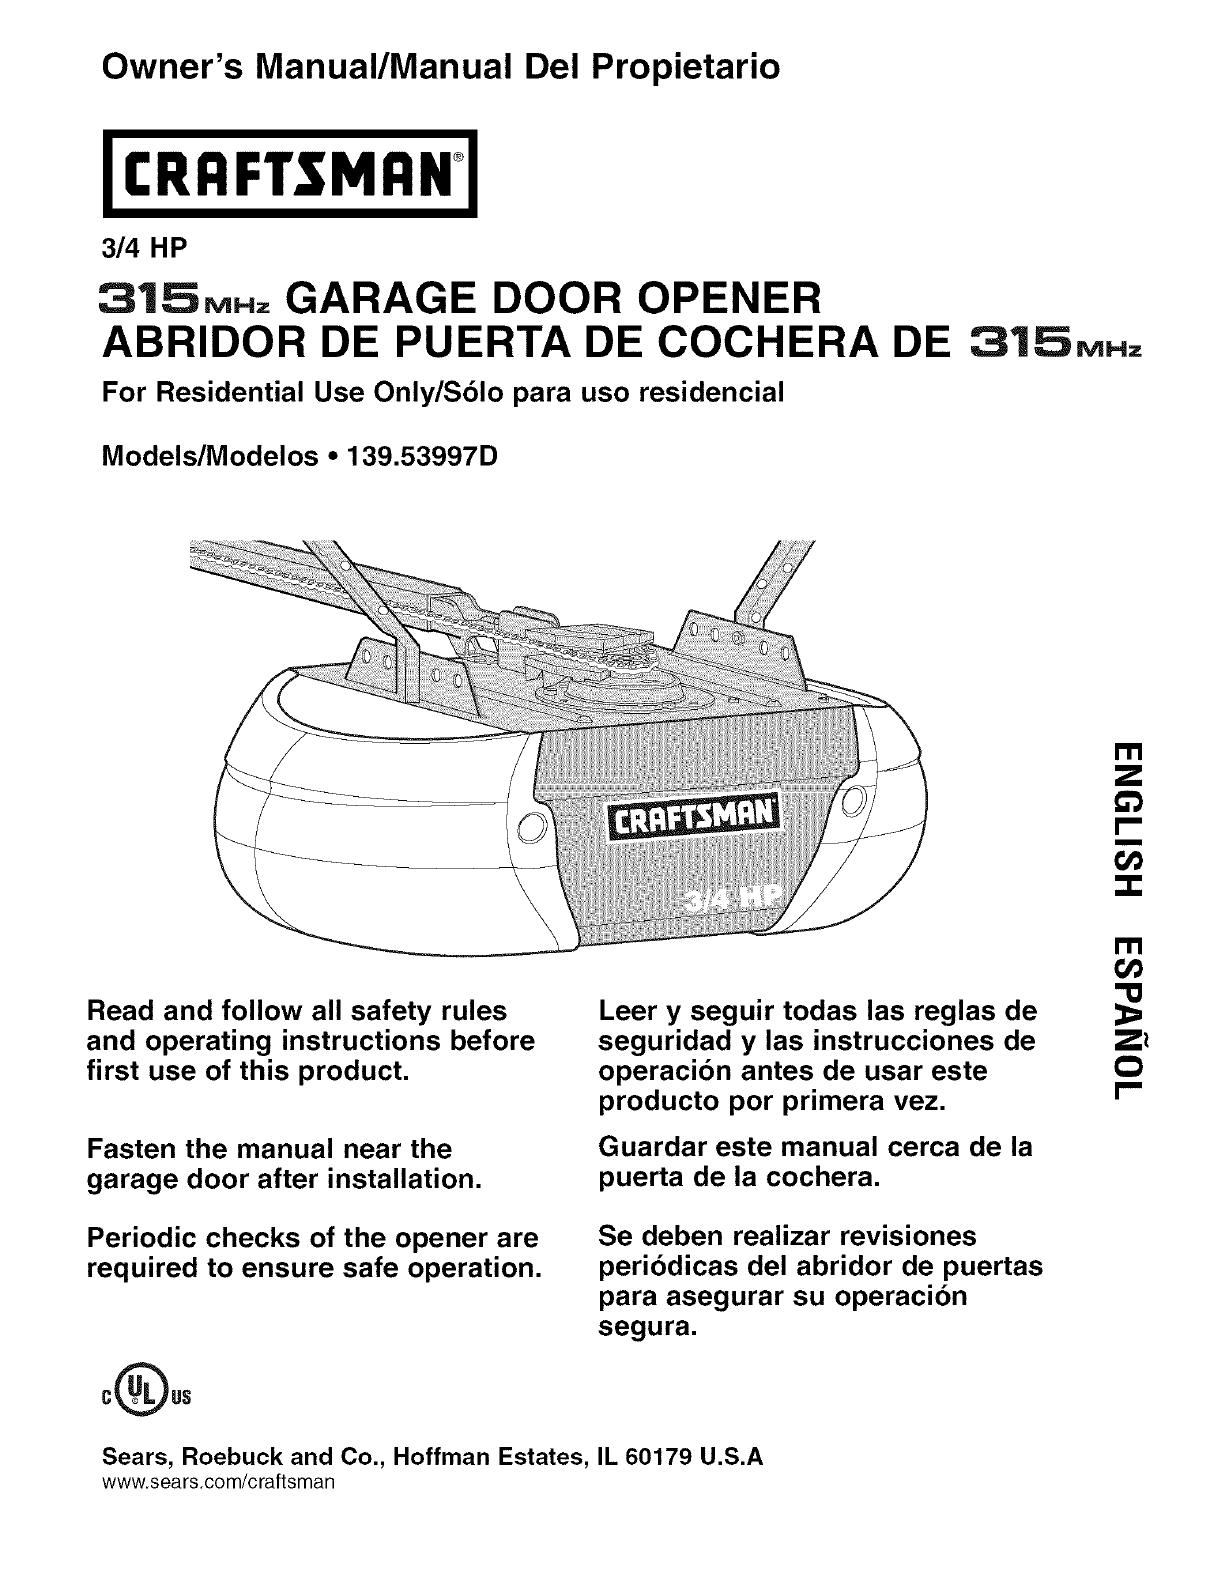 Craftsman 13953997d User Manual Garage Door Opener Manuals And